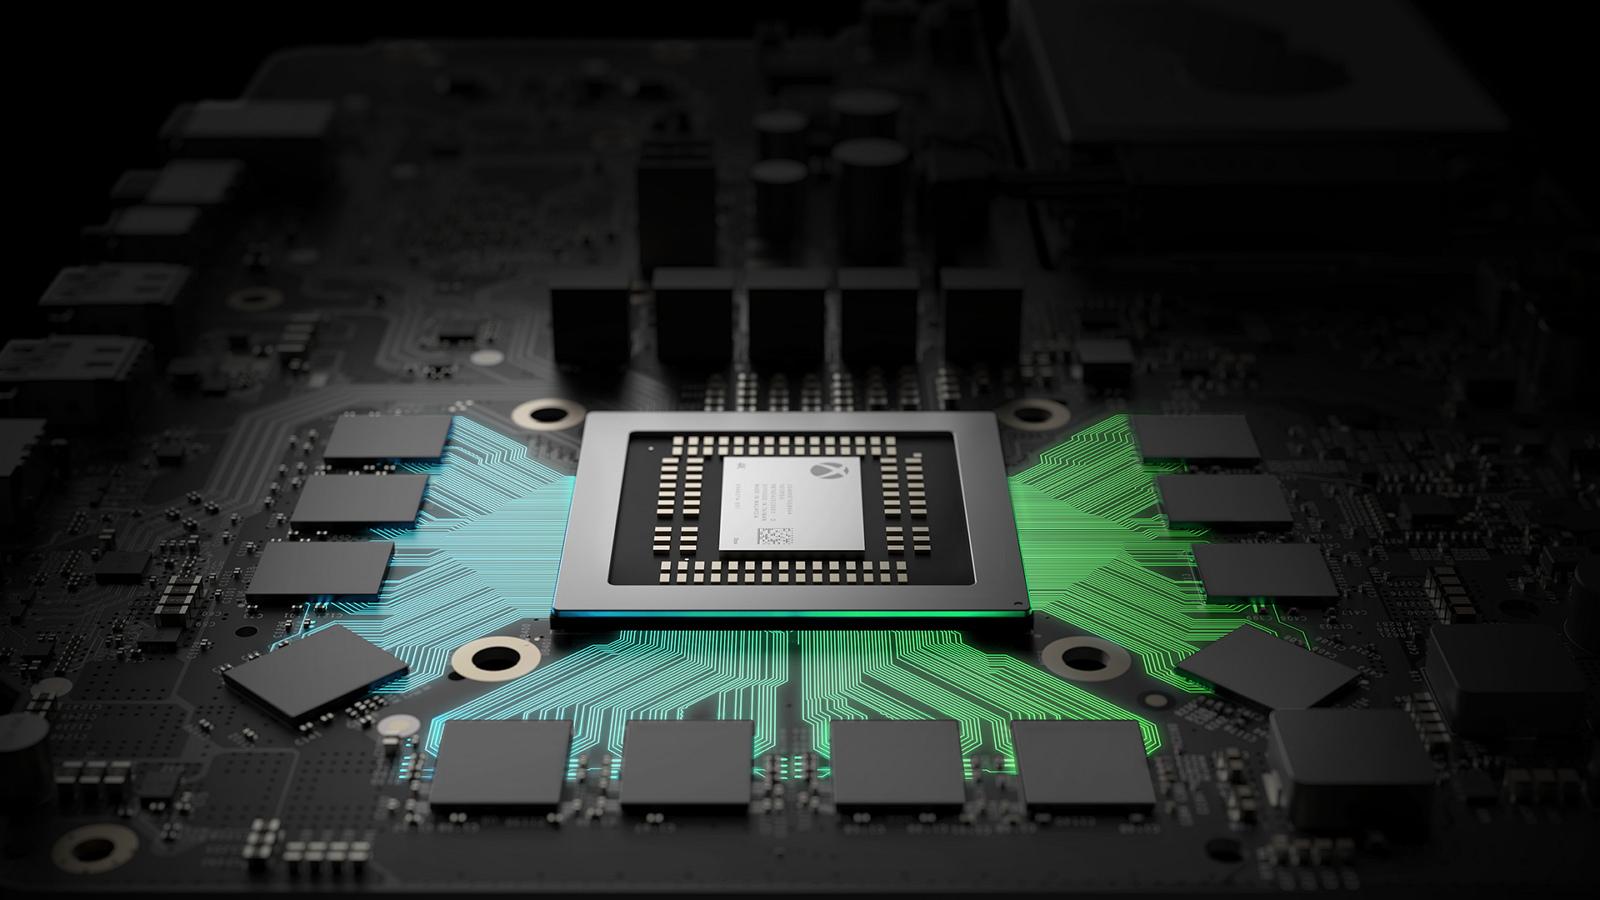 Xbox Project Scorpio hardware